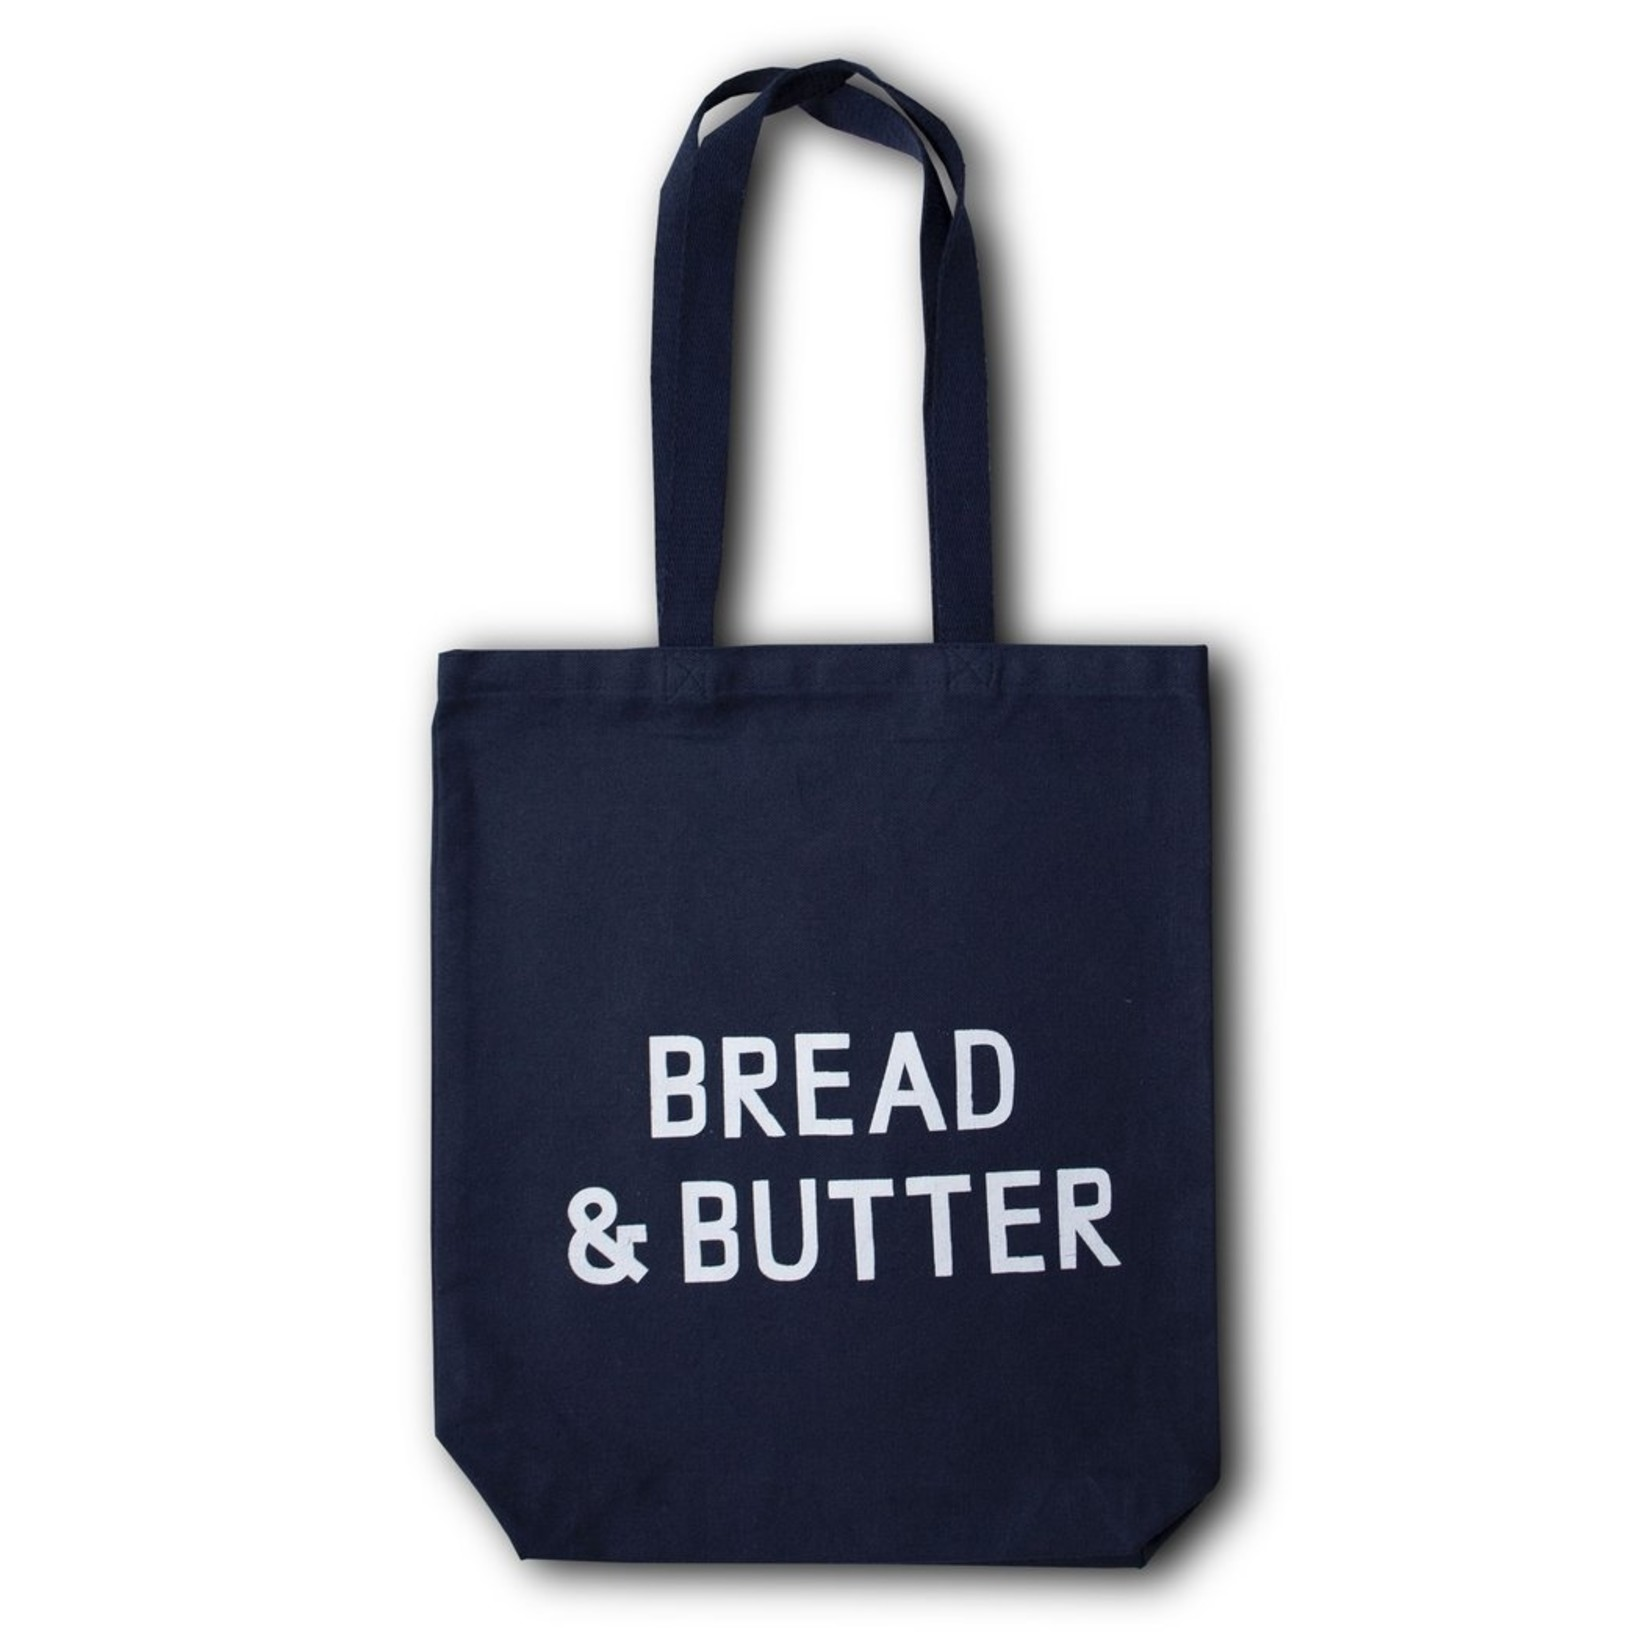 Banquet Workshop Bread & Butter Tote Bag